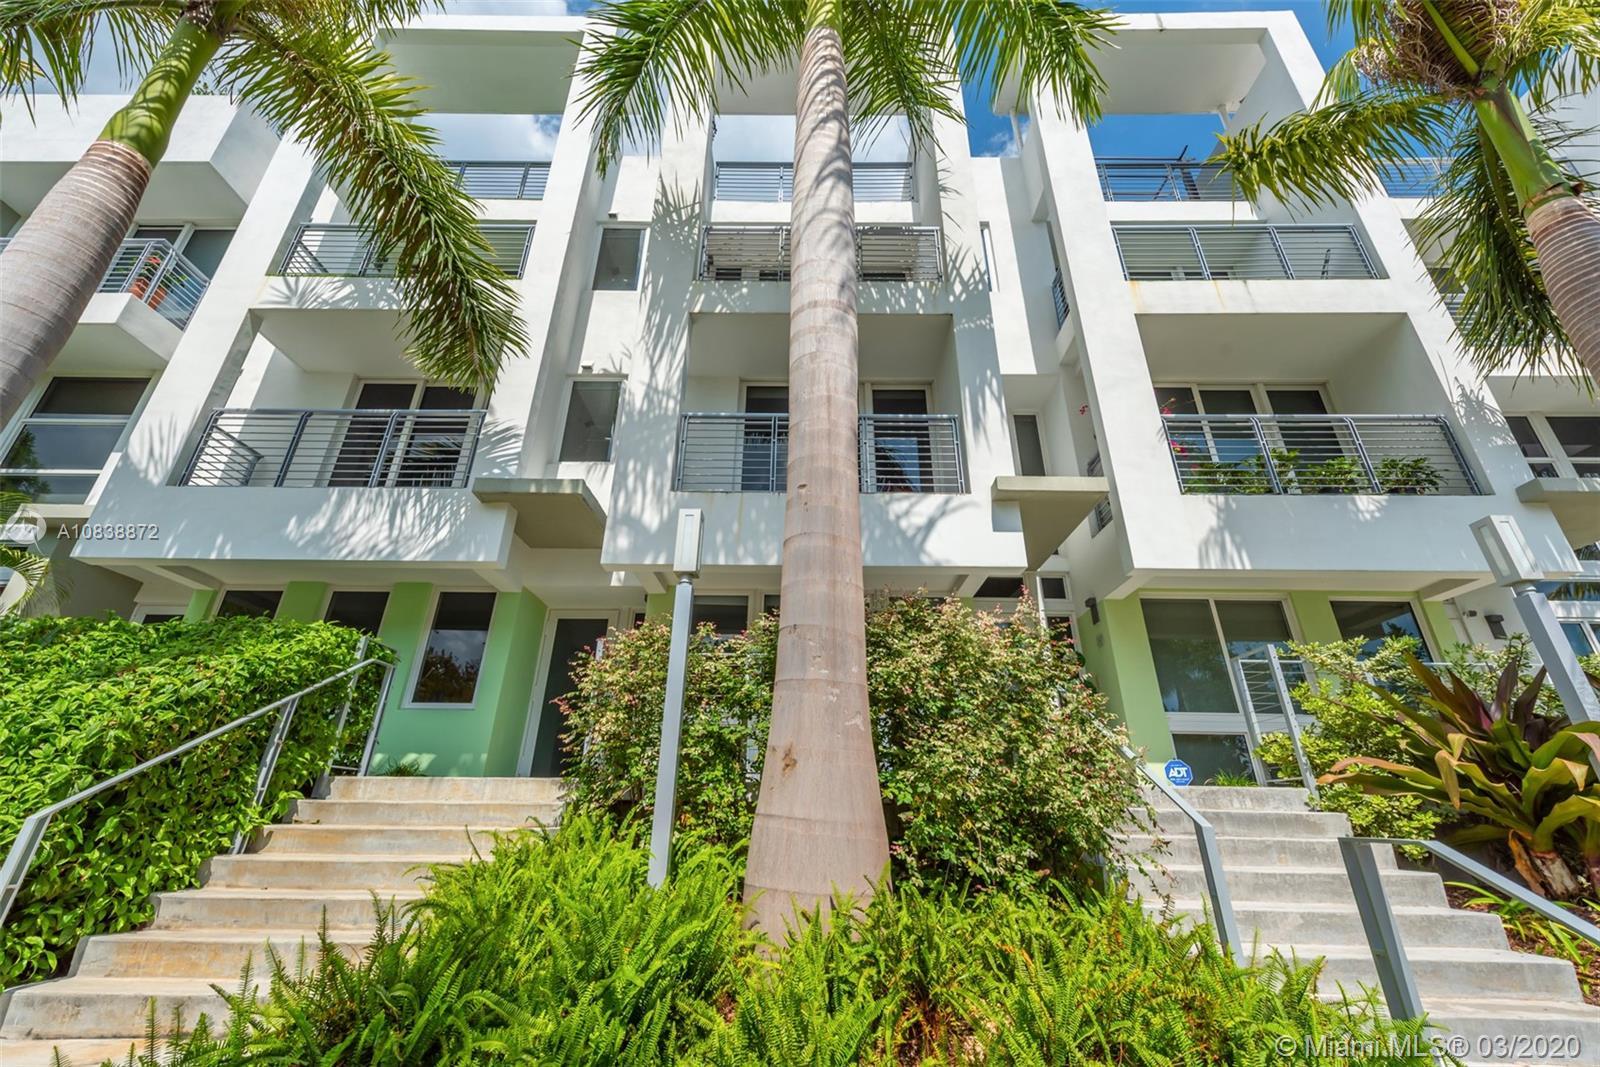 87 N Shore Dr  For Sale A10838872, FL